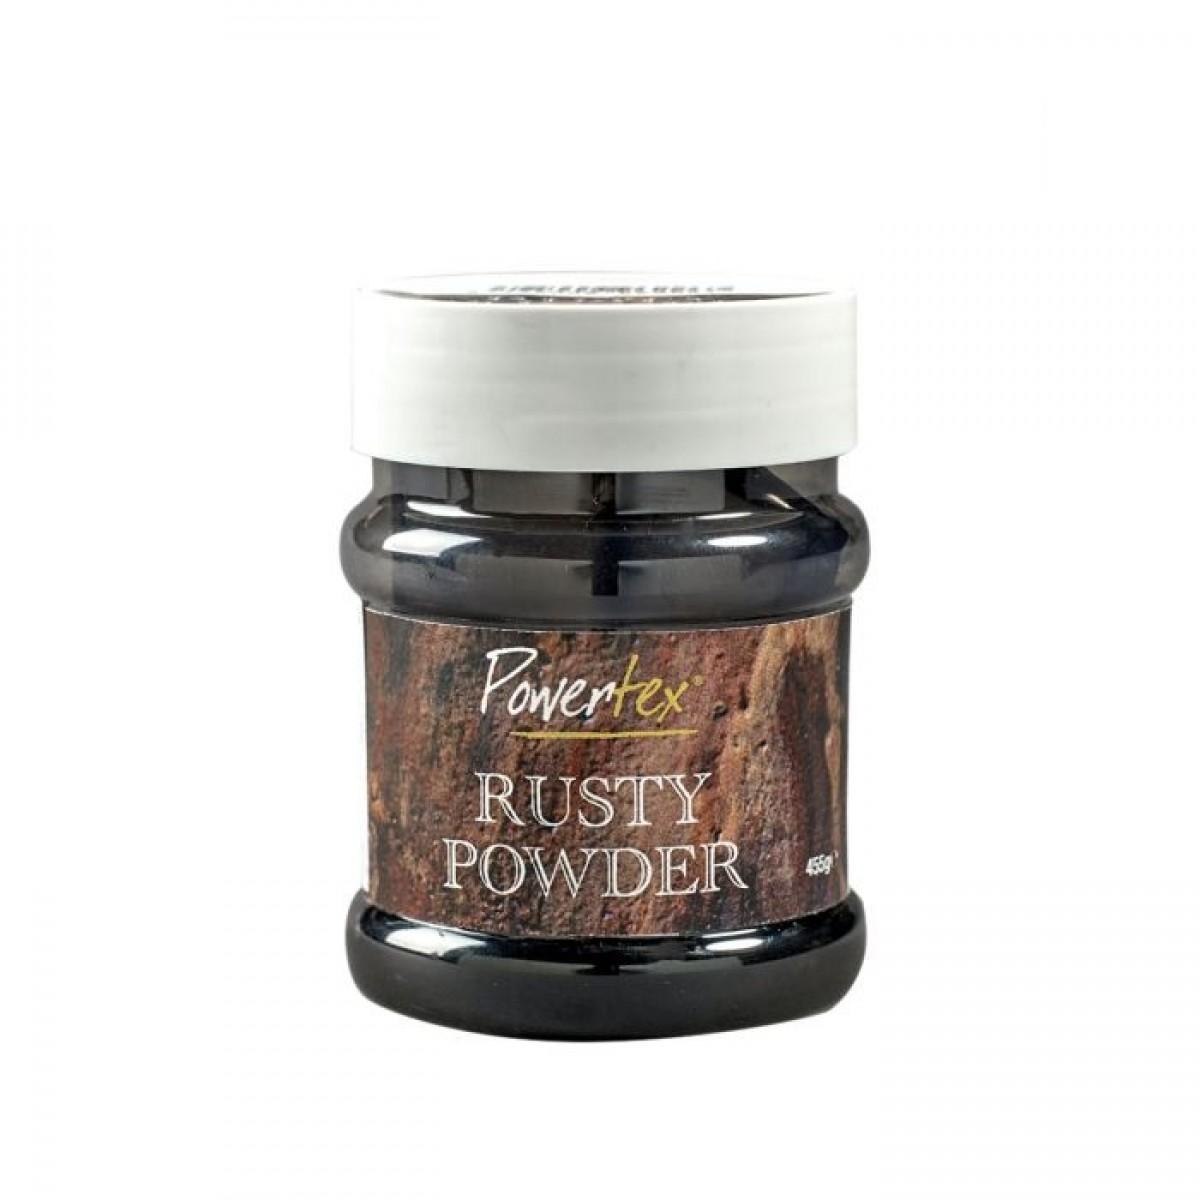 Powertex Rusty Powder, 455g